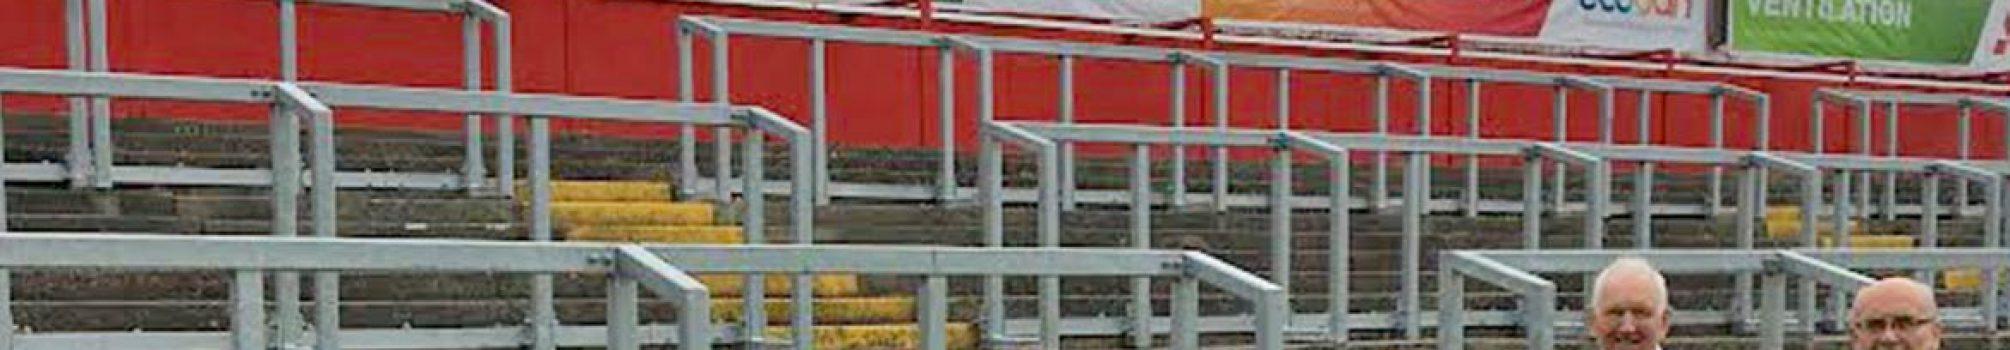 fst-scoreboard